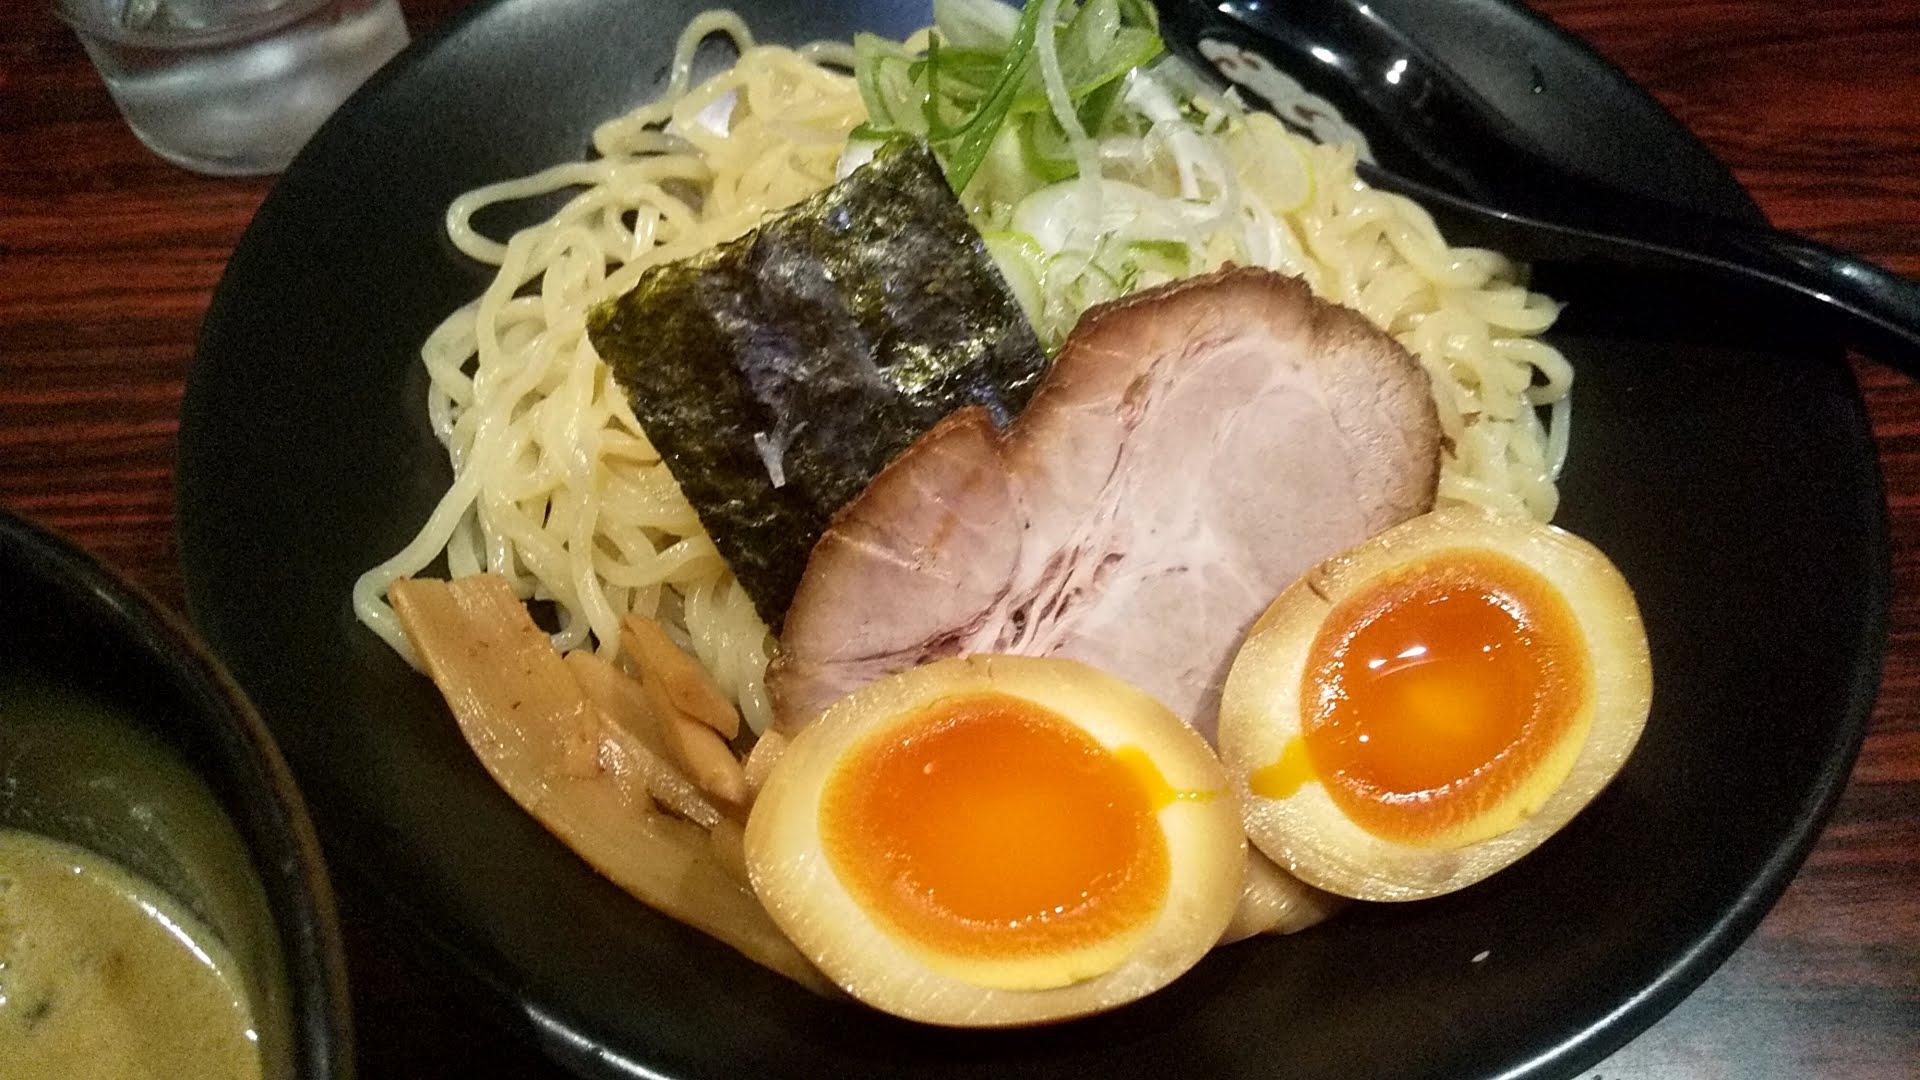 ひむろ錦糸町店のみそだれつけ麺の麺皿